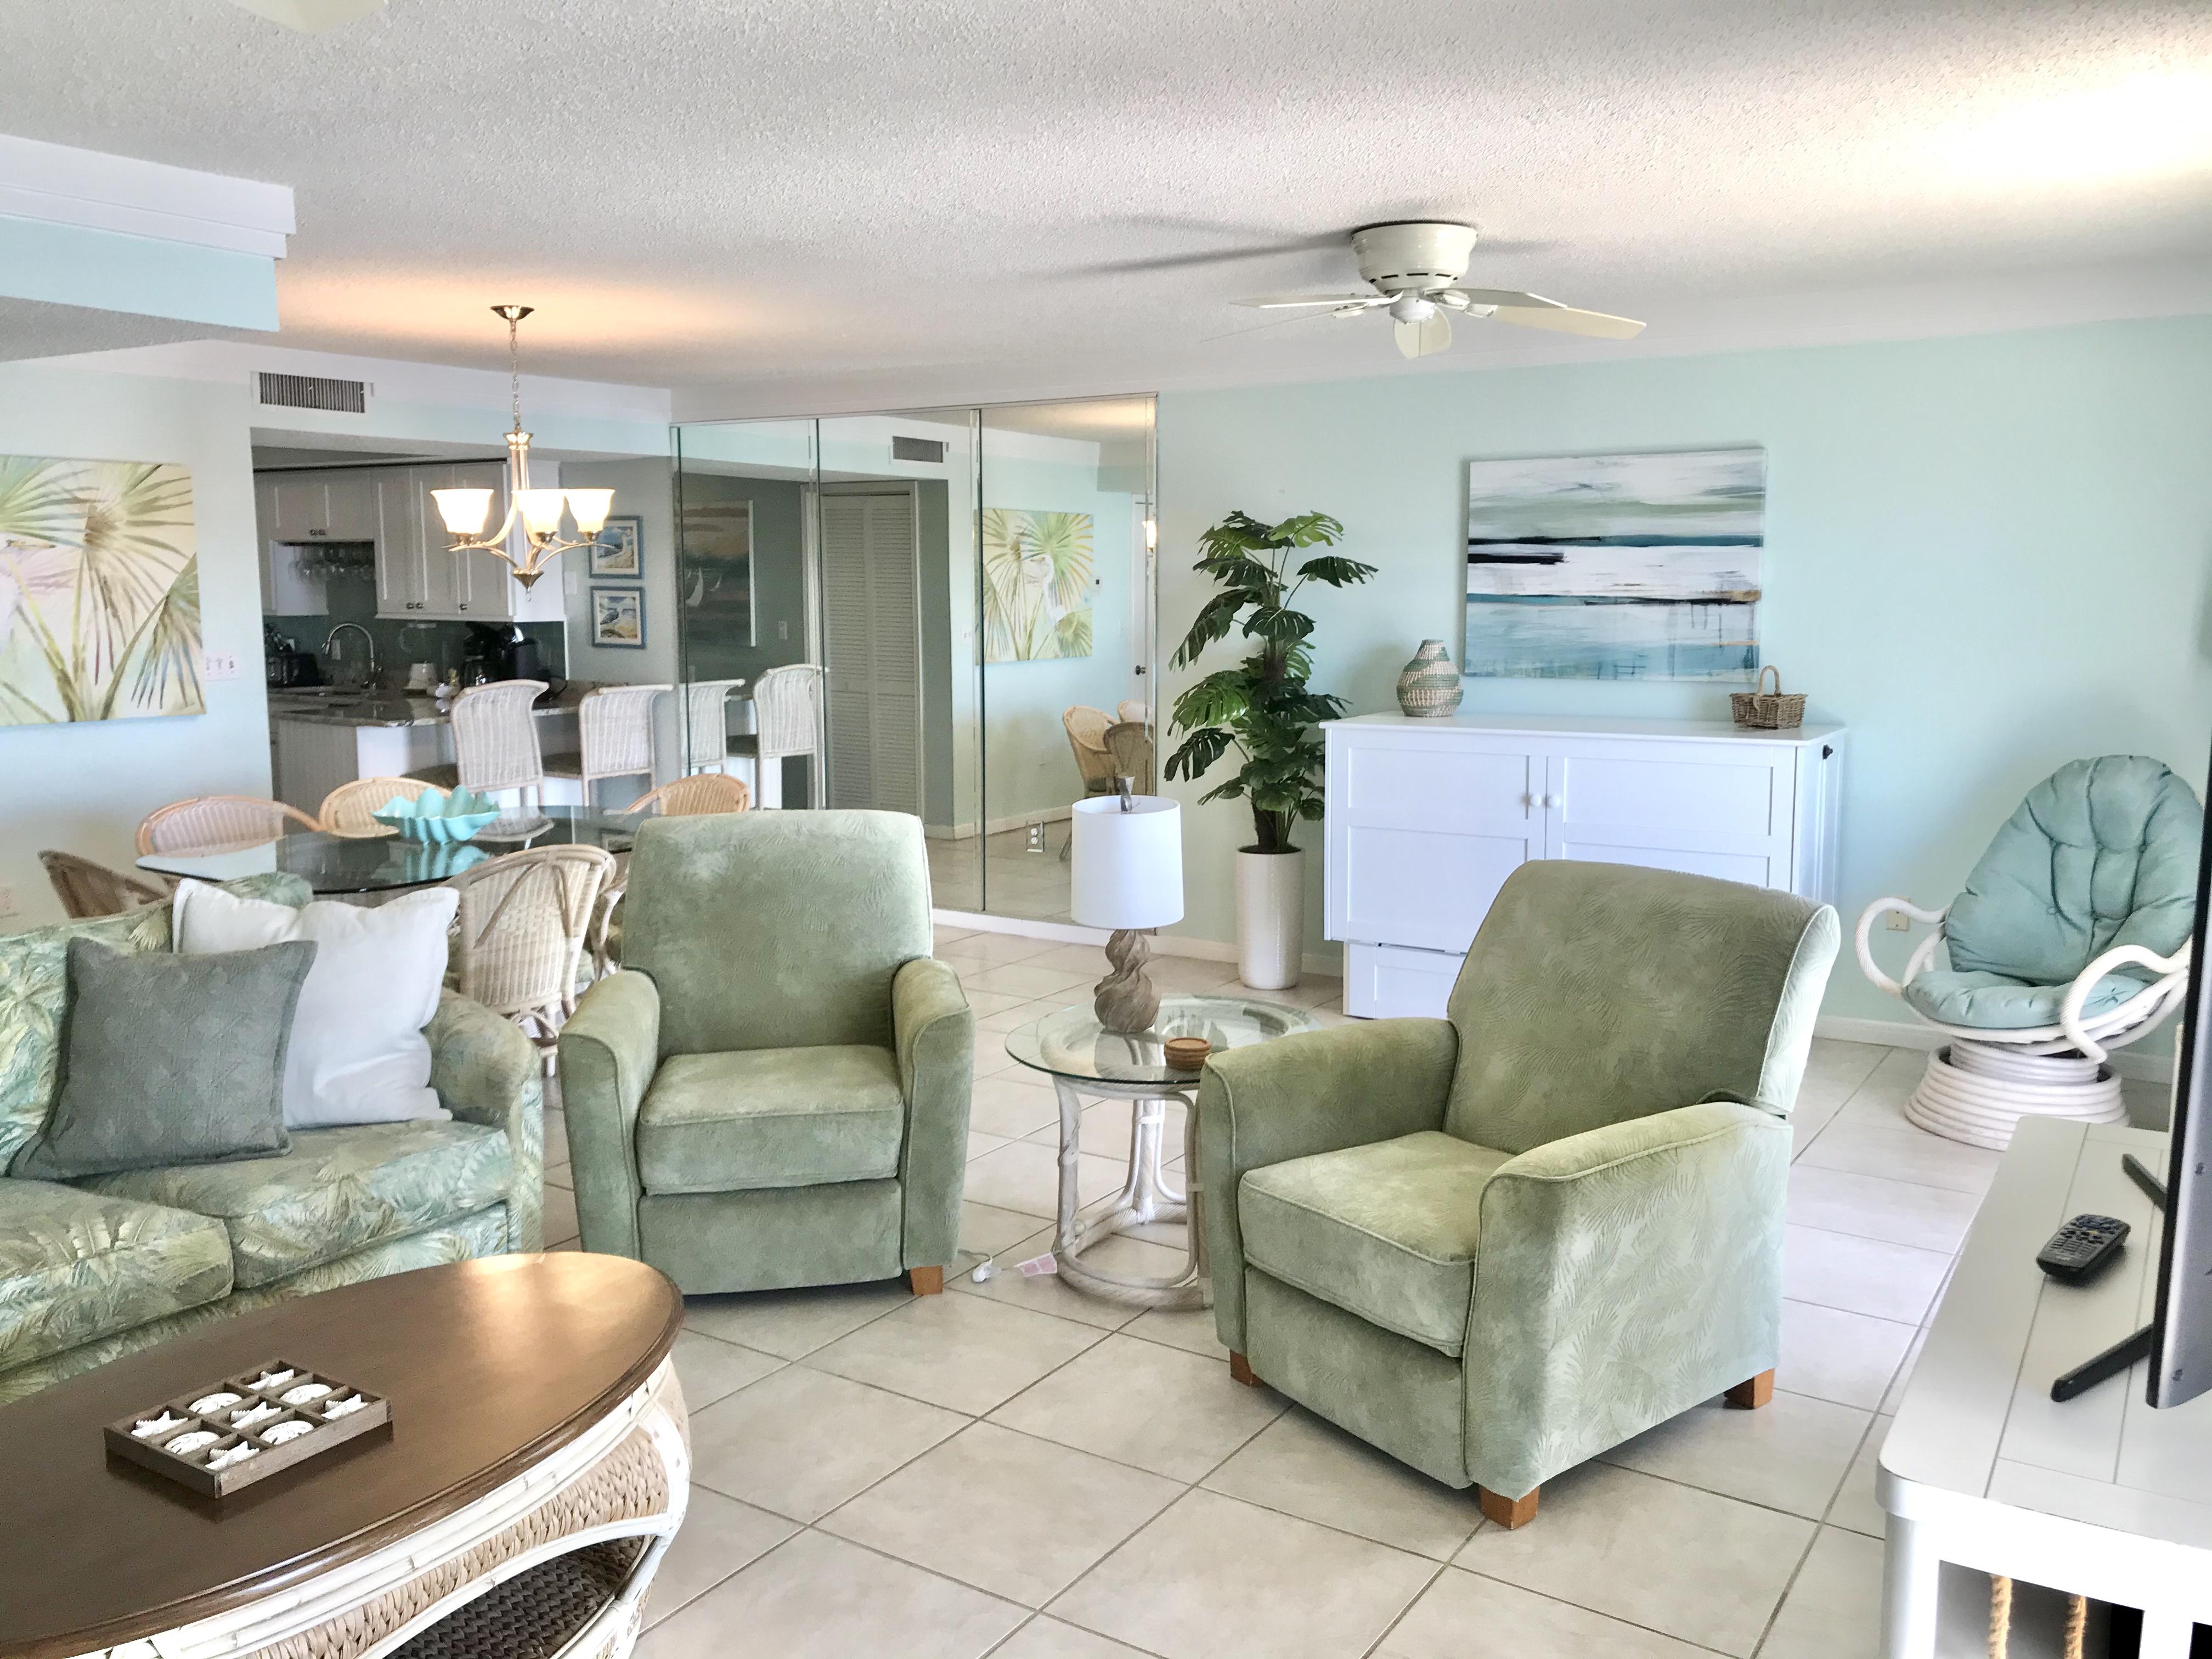 Ocean House 2706 Condo rental in Ocean House - Gulf Shores in Gulf Shores Alabama - #1